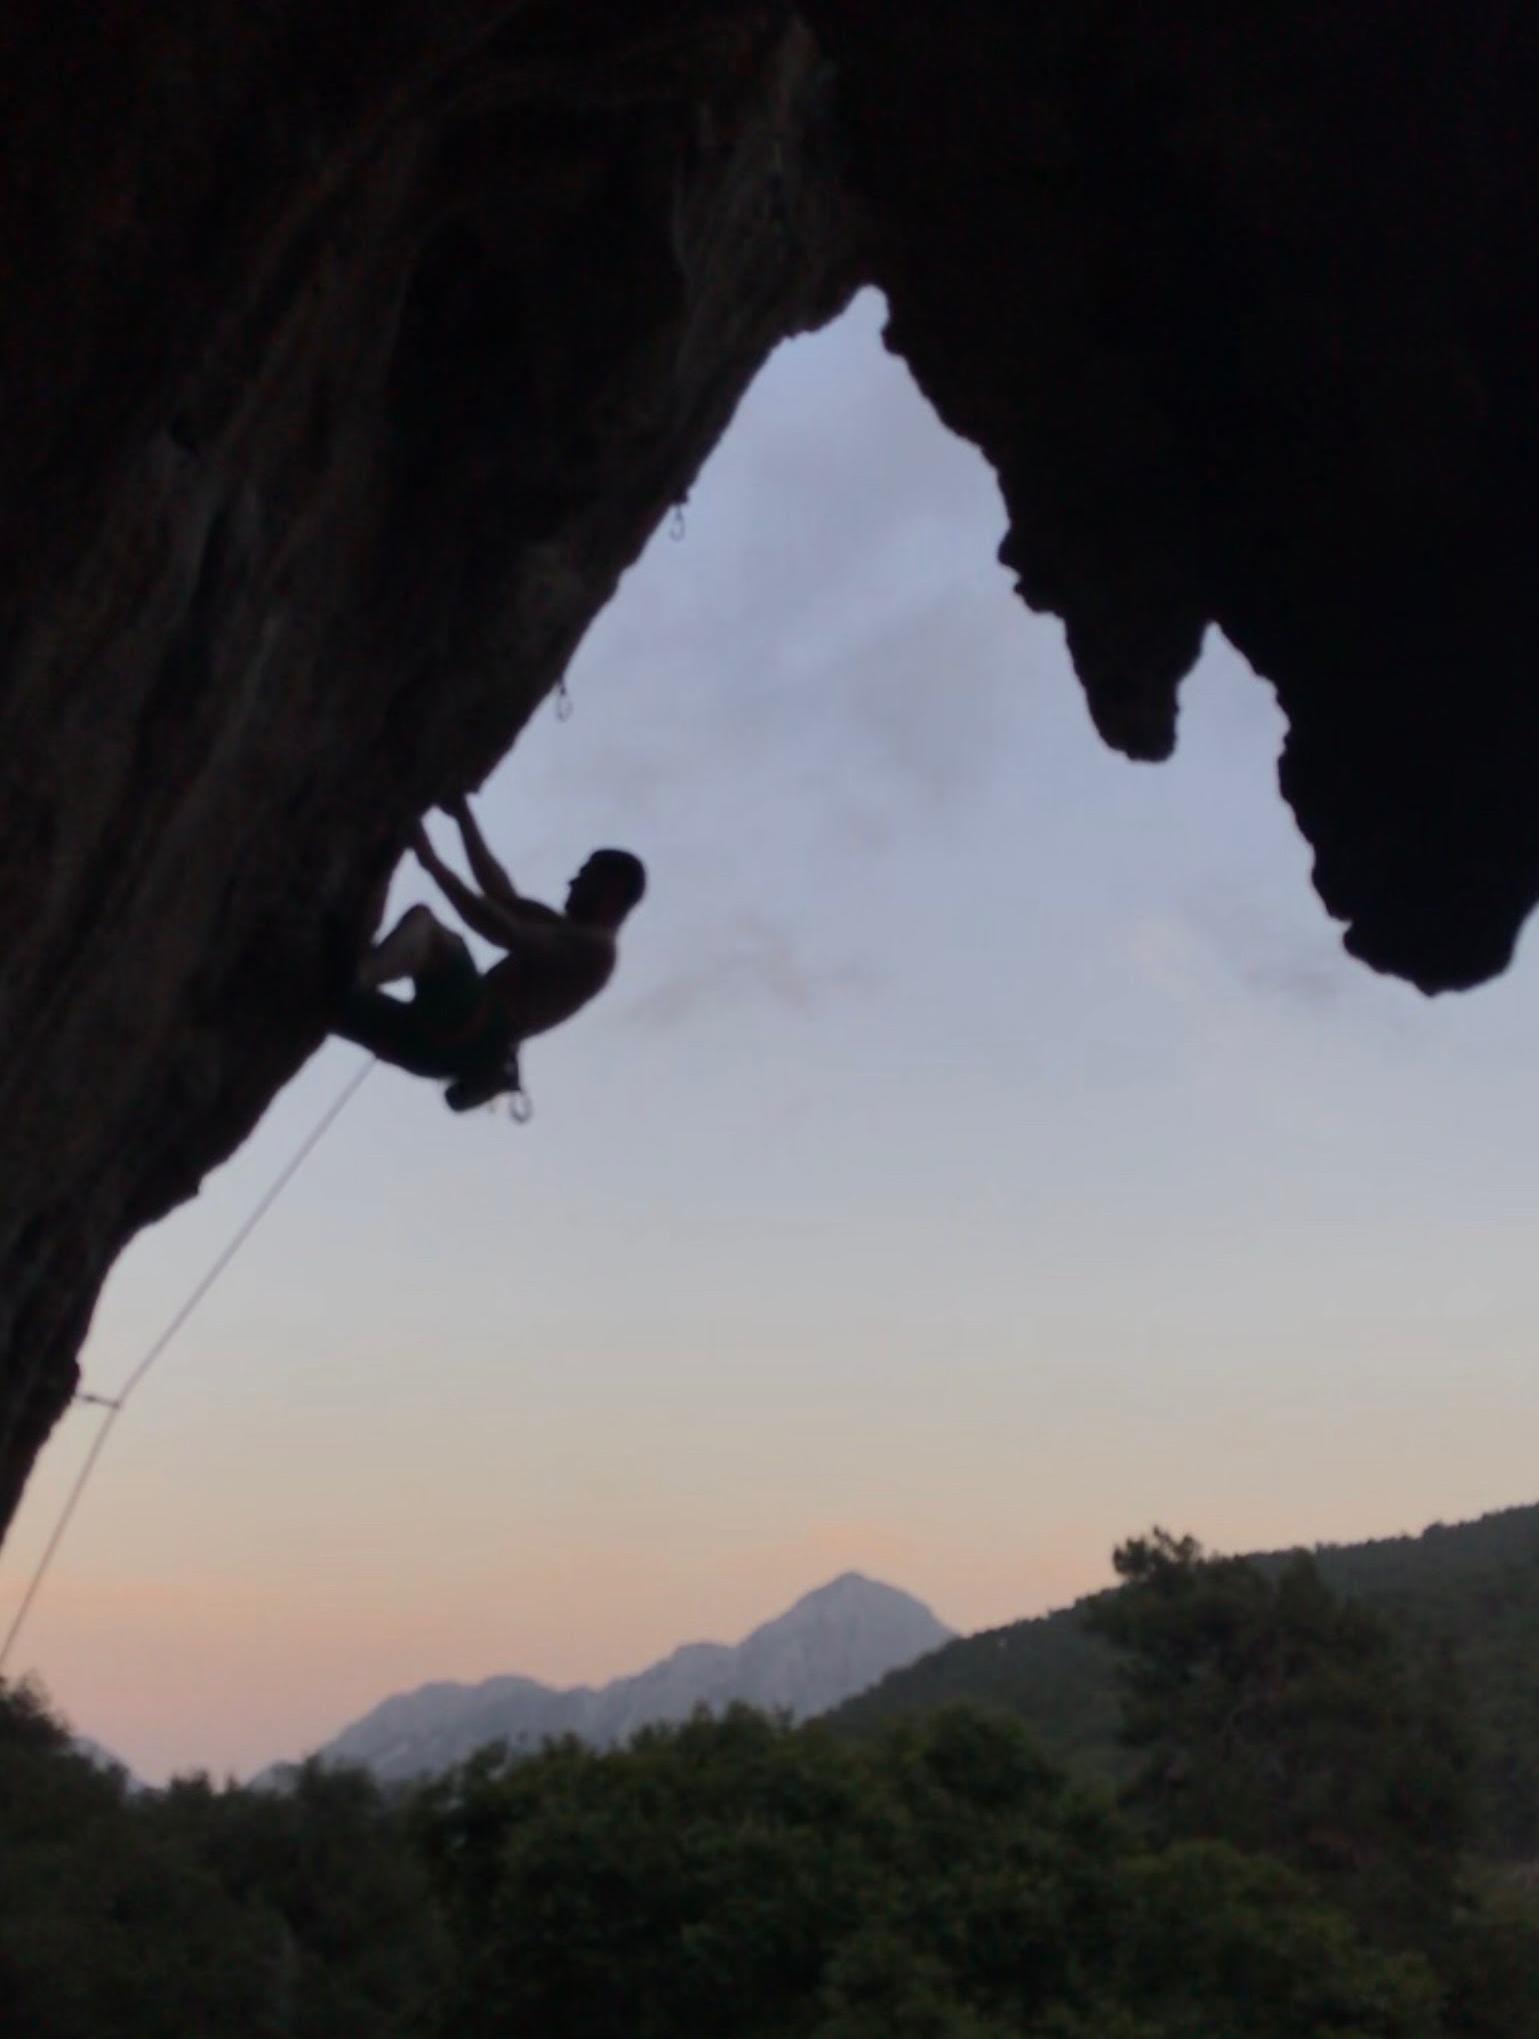 Climber on River Dance at Alabalik sector